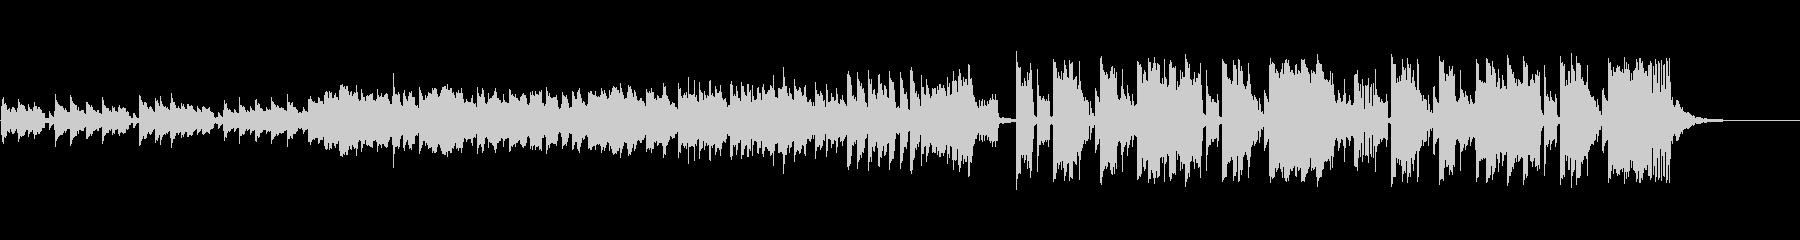 未来を感じるEDMのエンディング曲の未再生の波形